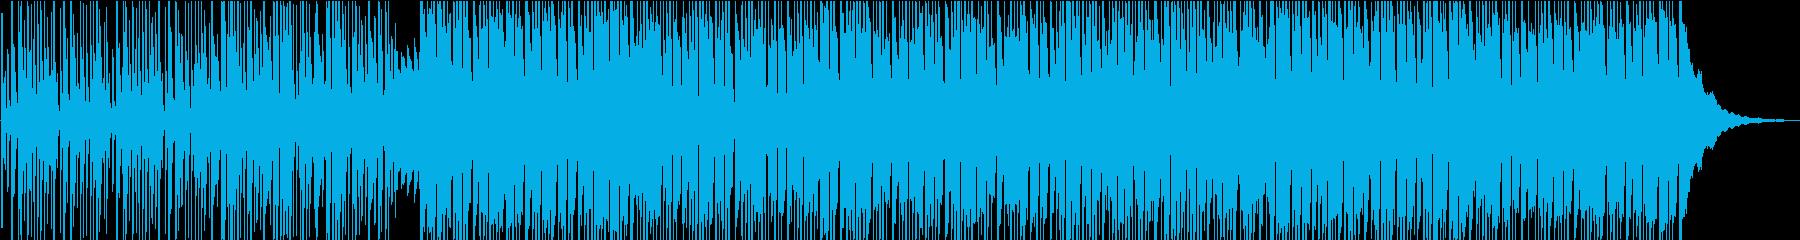 伝統的な東洋の楽器は、現代的なビー...の再生済みの波形